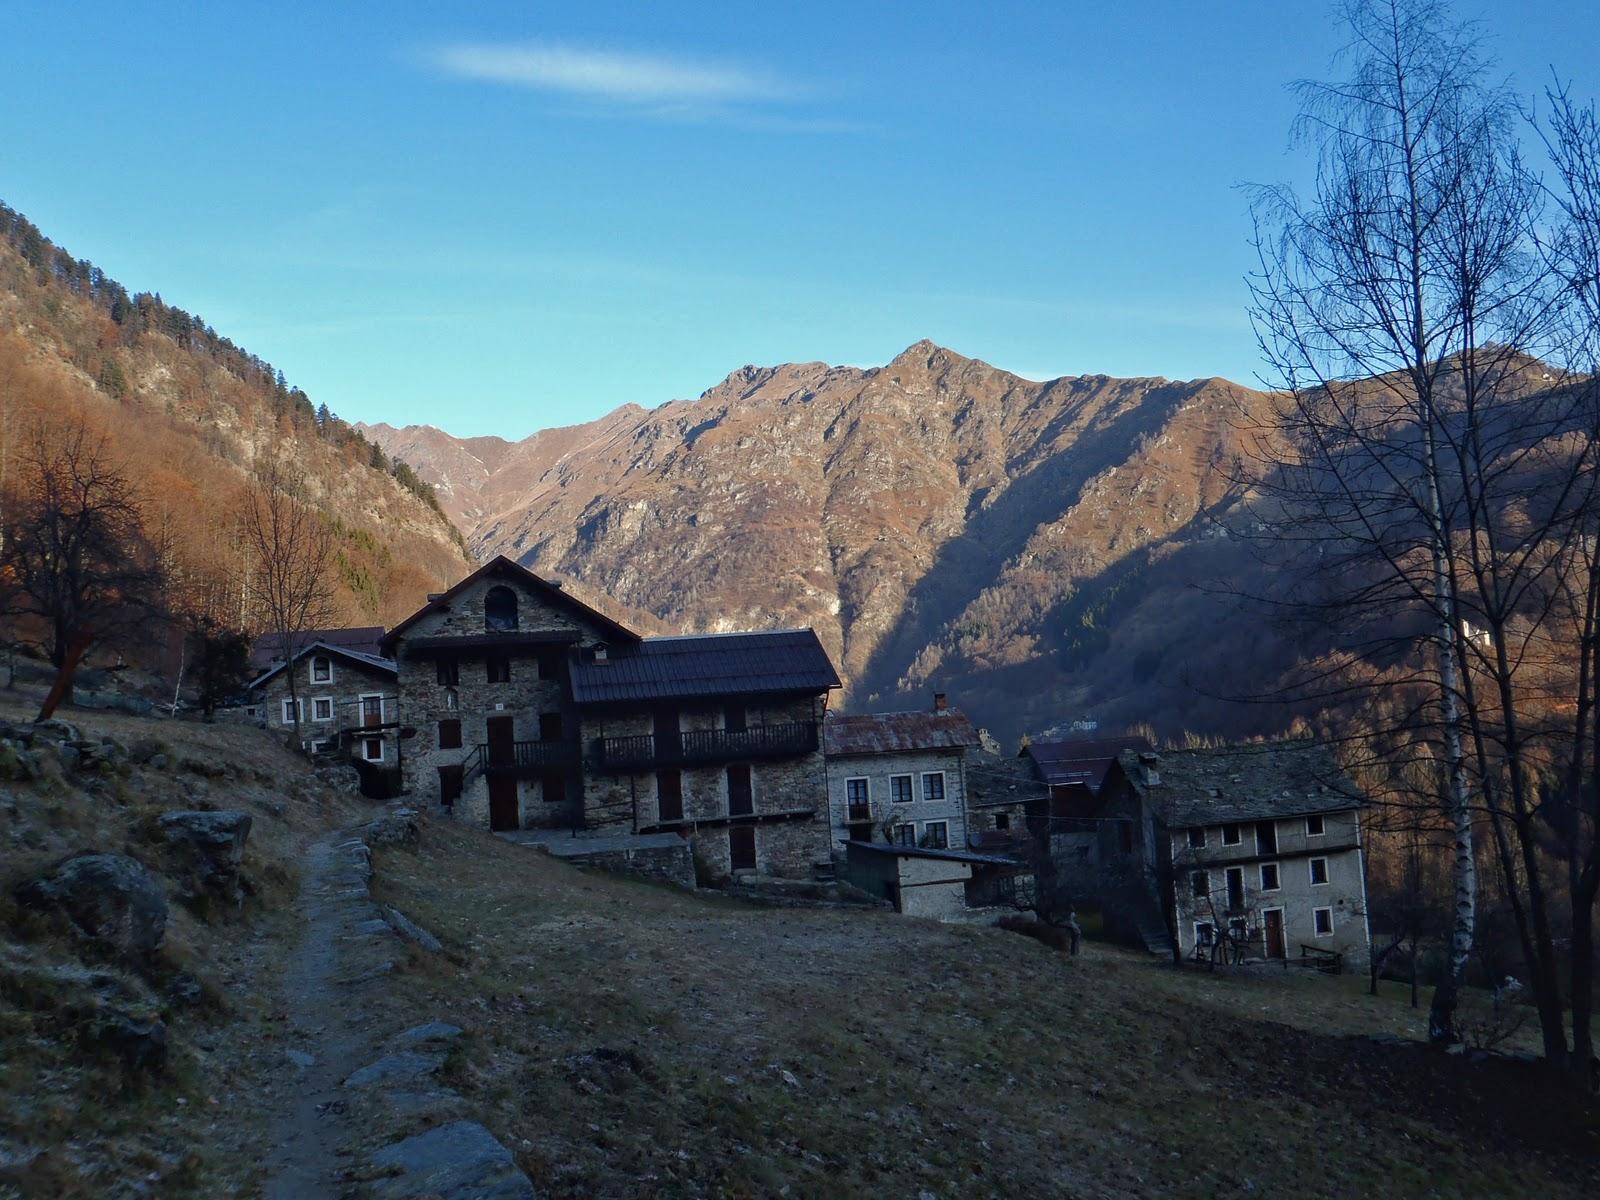 Malati di montagna antichi sentieri - Riscaldare velocemente casa montagna ...